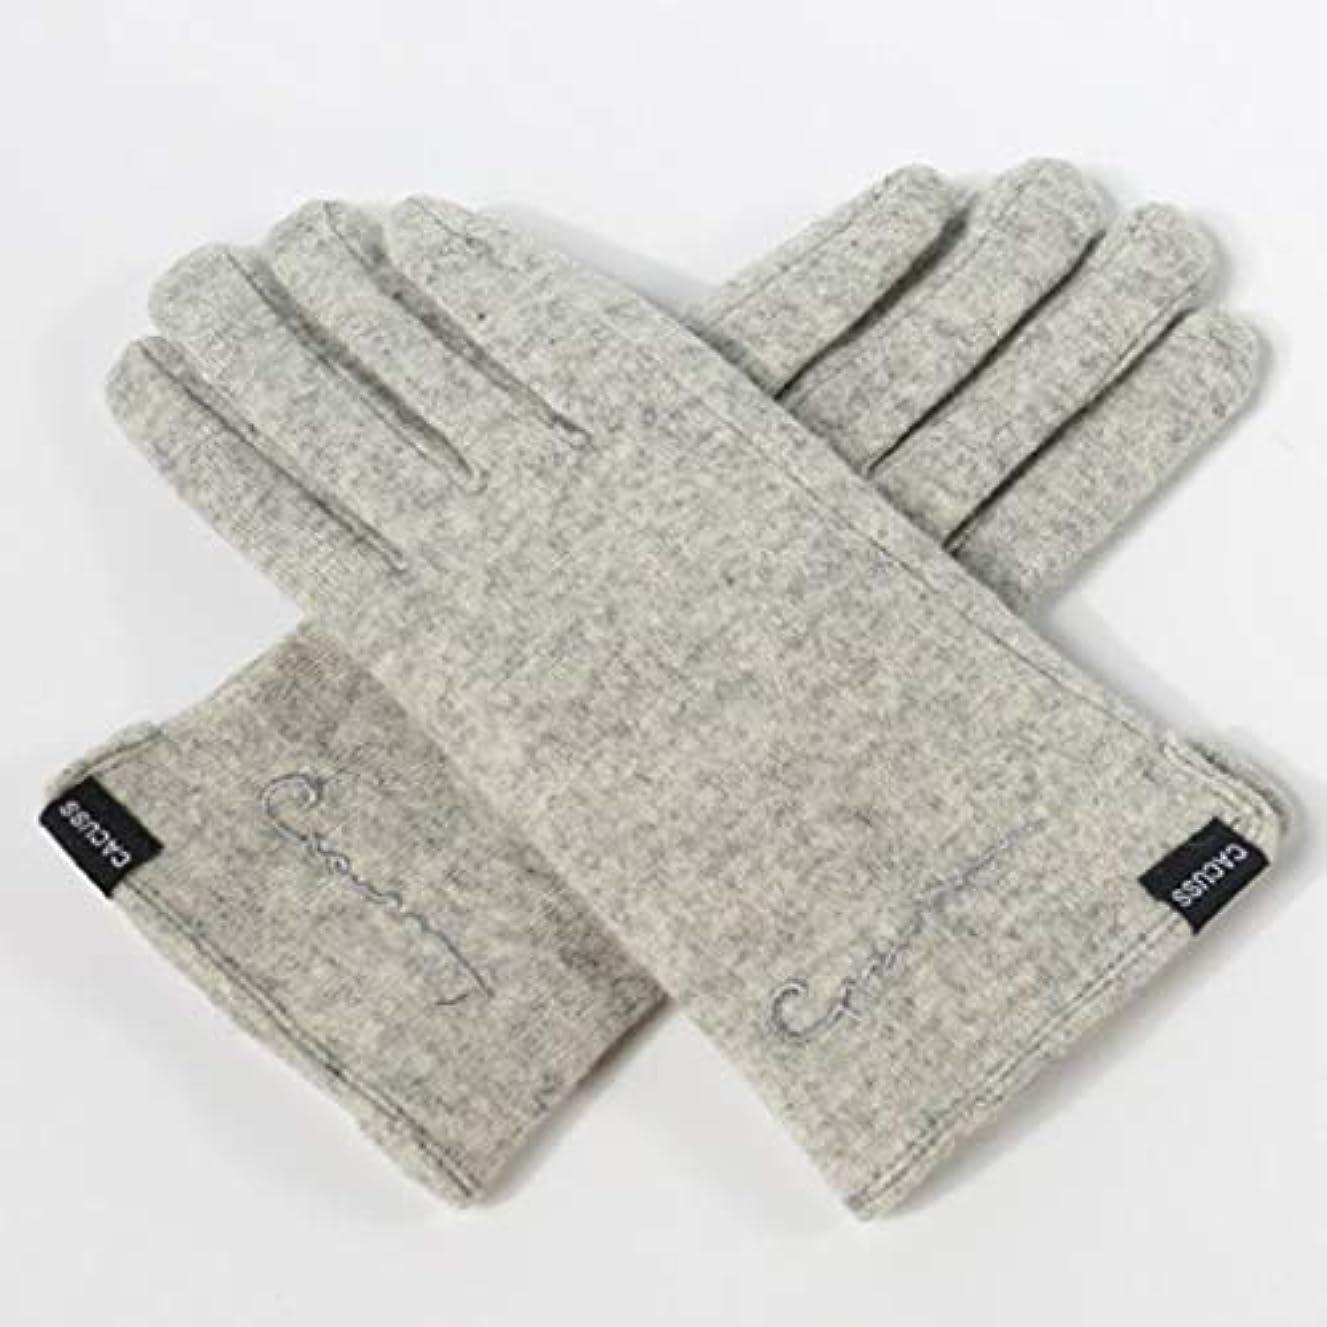 苗ぐるぐる道を作る手袋女性の冬のタッチスクリーンのファッション暖かく快適なポイントは、乗馬を厚くする (色 : Gray)